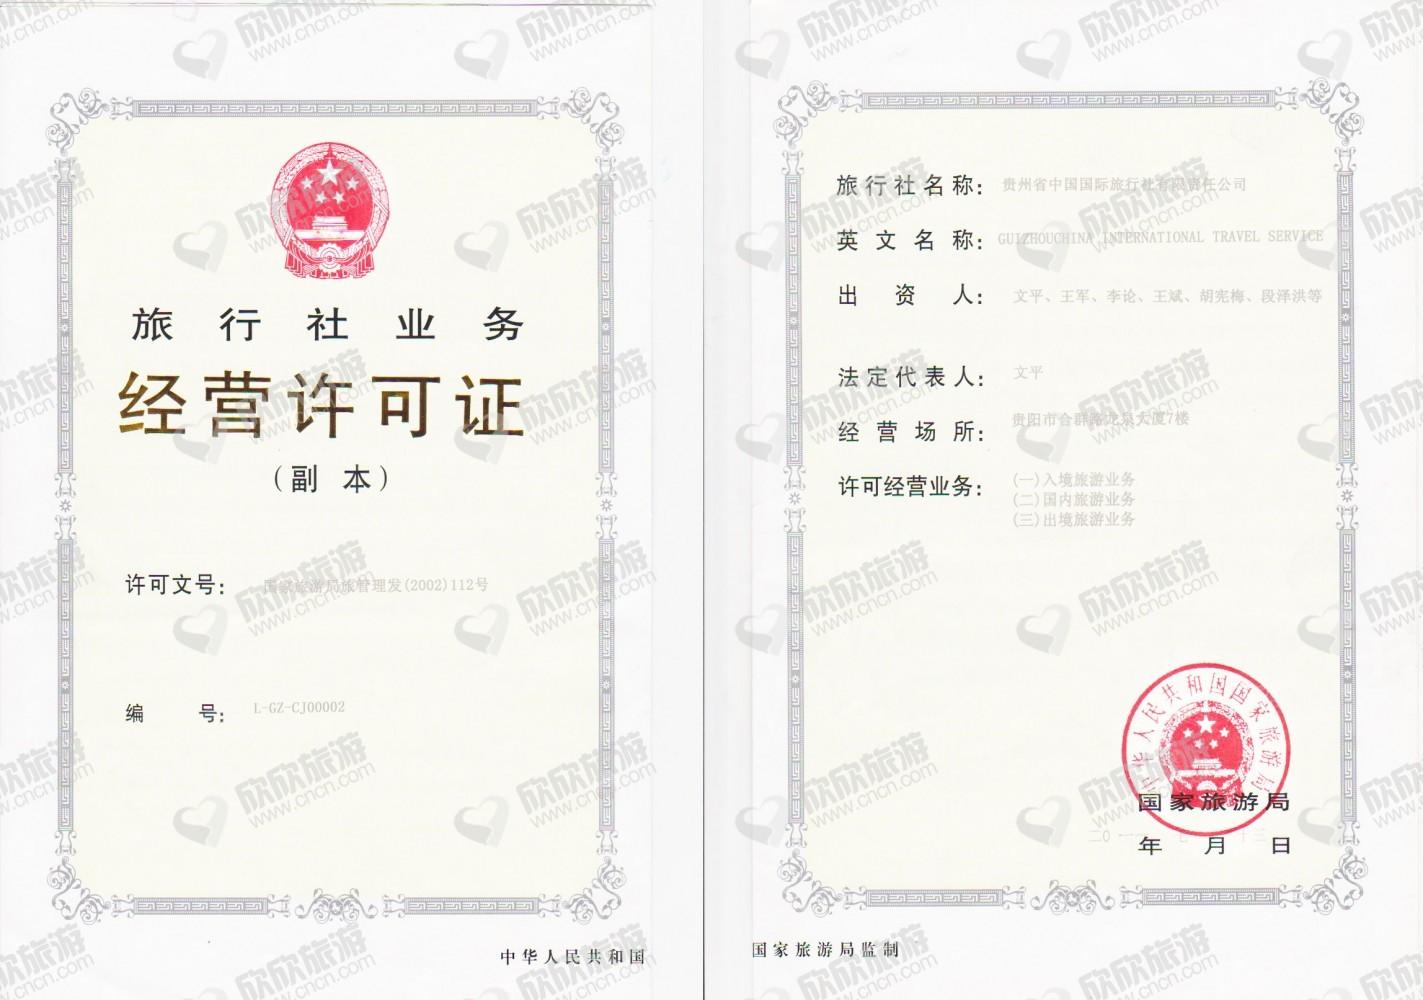 贵州省中国国际旅行社有限责任公司经营许可证